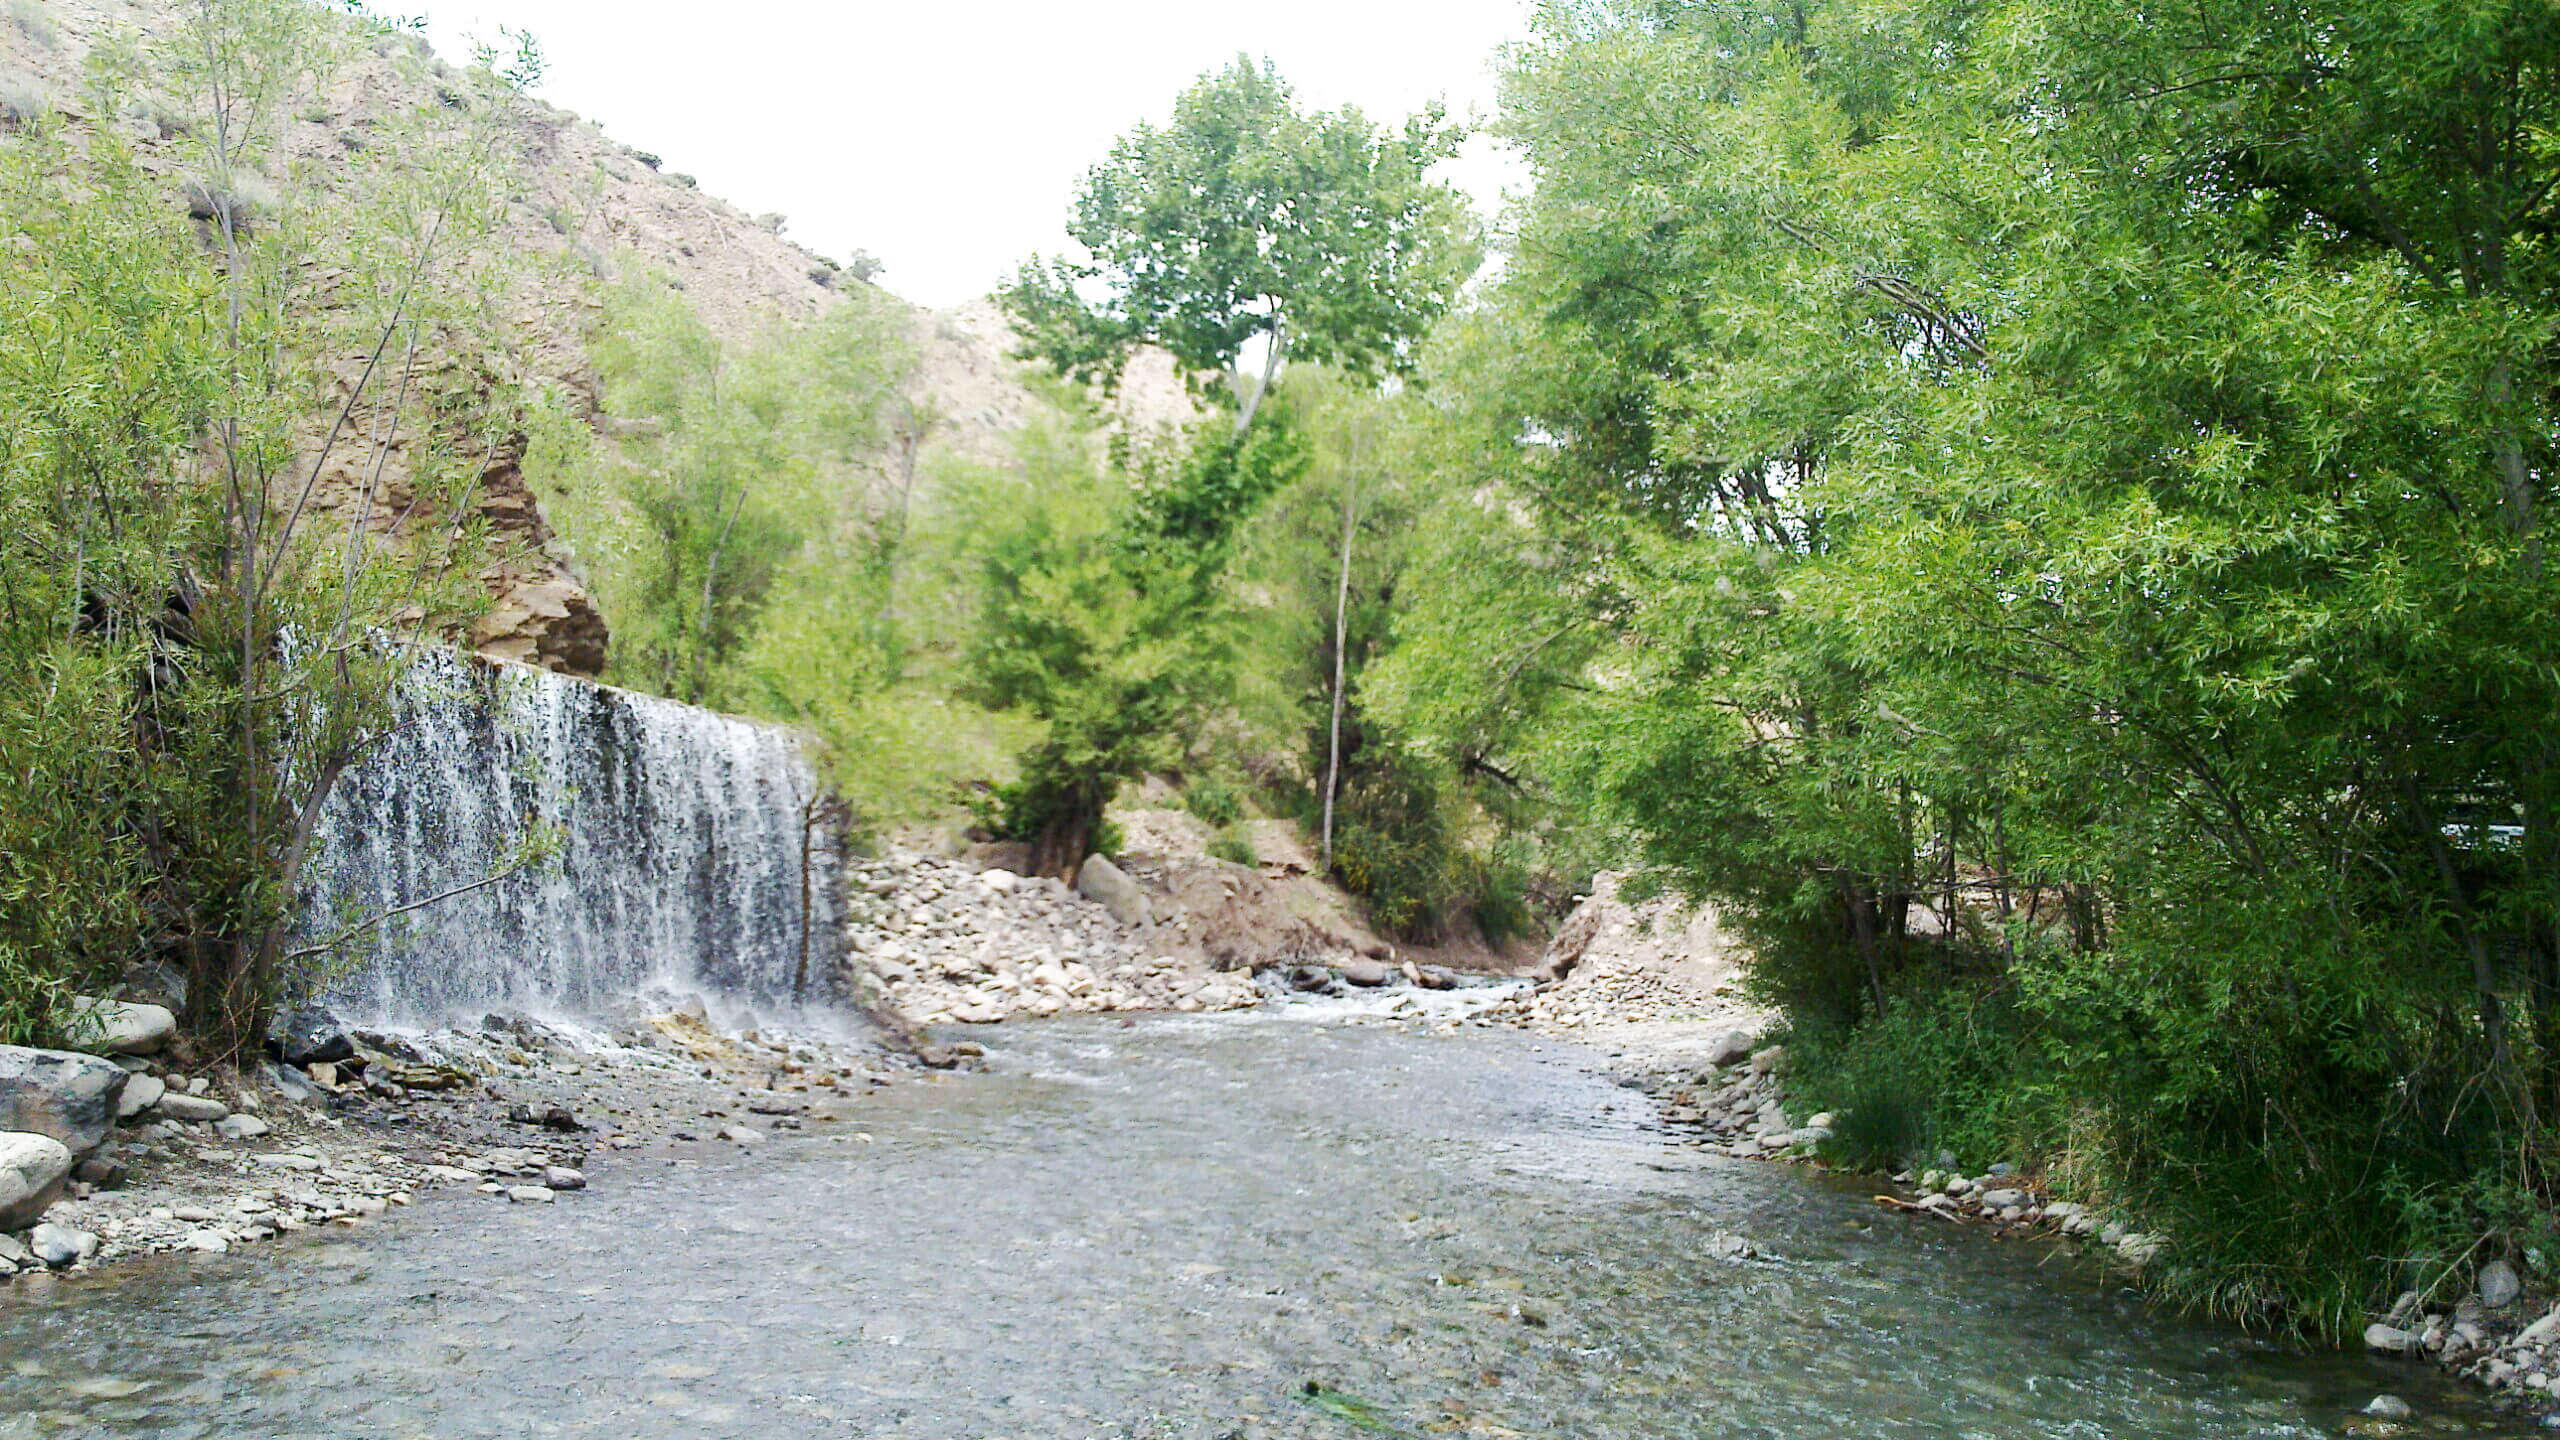 چشمه گردو نوشهر طبیعتی که حتماً باید آن را از نزدیک دید!